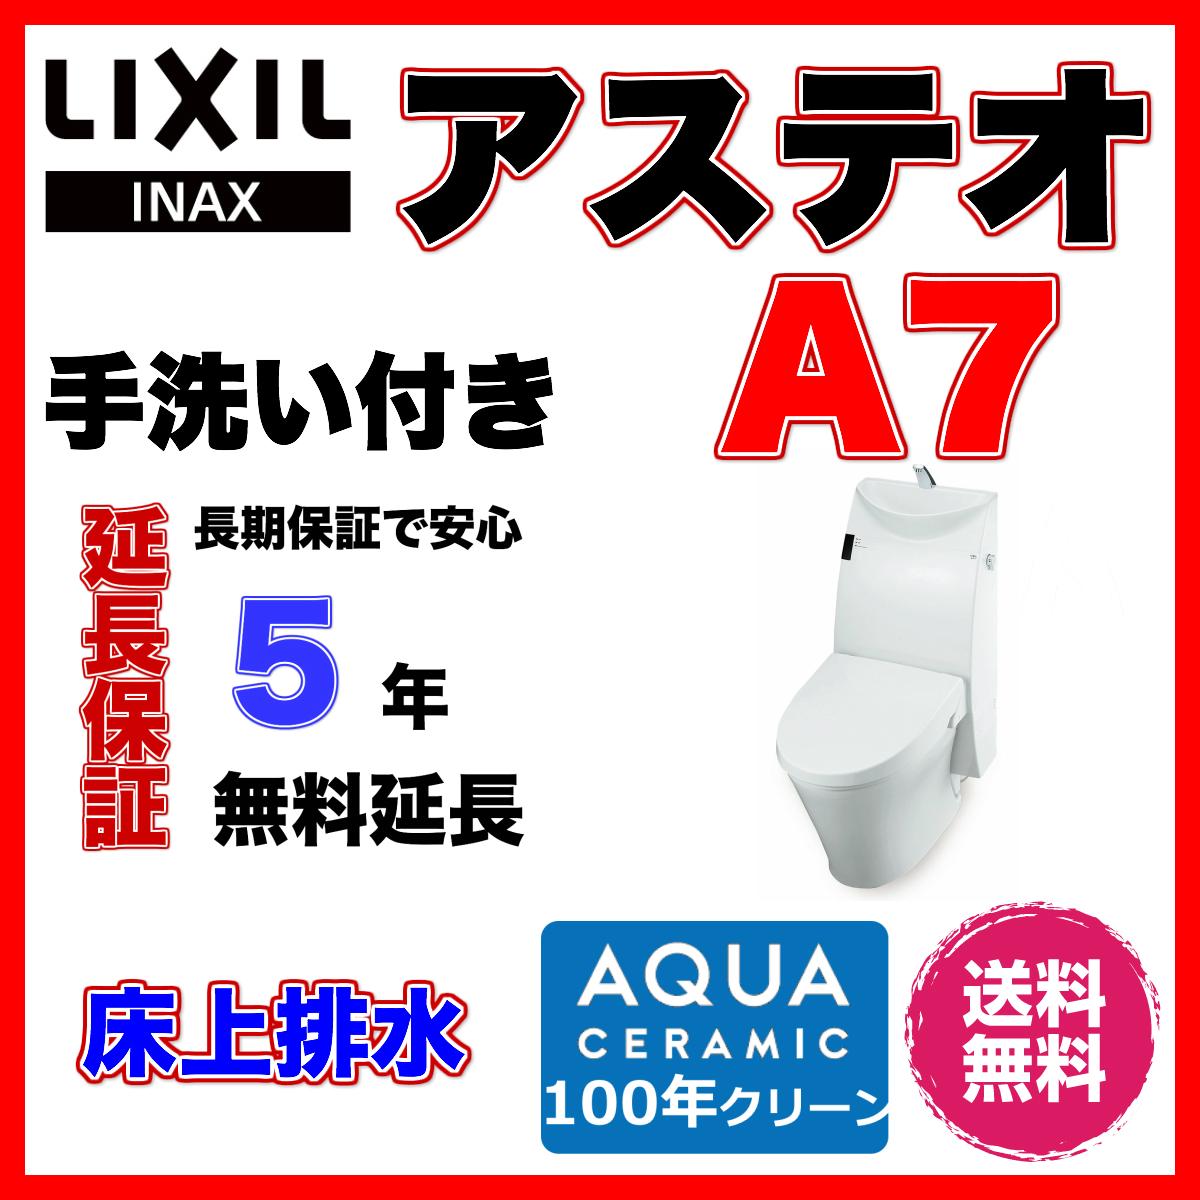 アステオ A7タイプ LIXIL トイレ 【YBC-A10P+DT-387J 】手洗い付 床上排水 ECO6 アクアセラミック付 INAX しっかり流れる タンク付トイレ